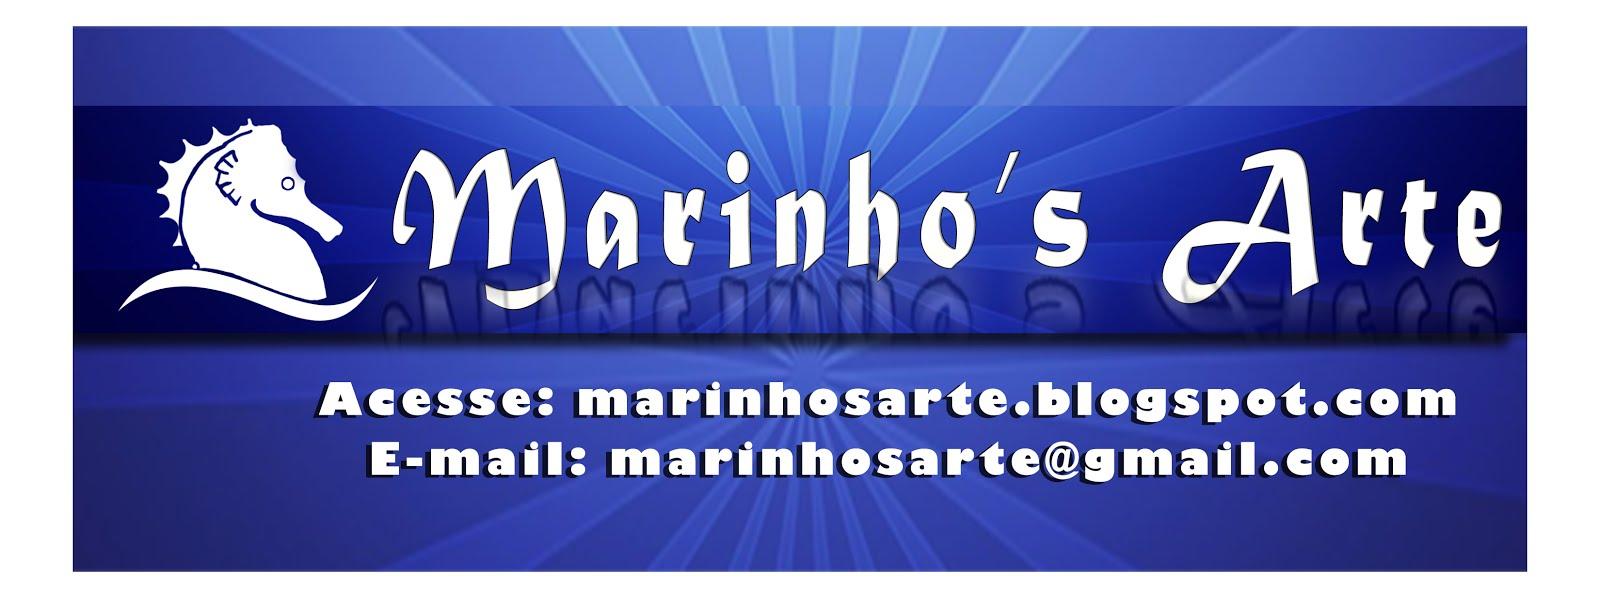 MARINHO'S ARTE